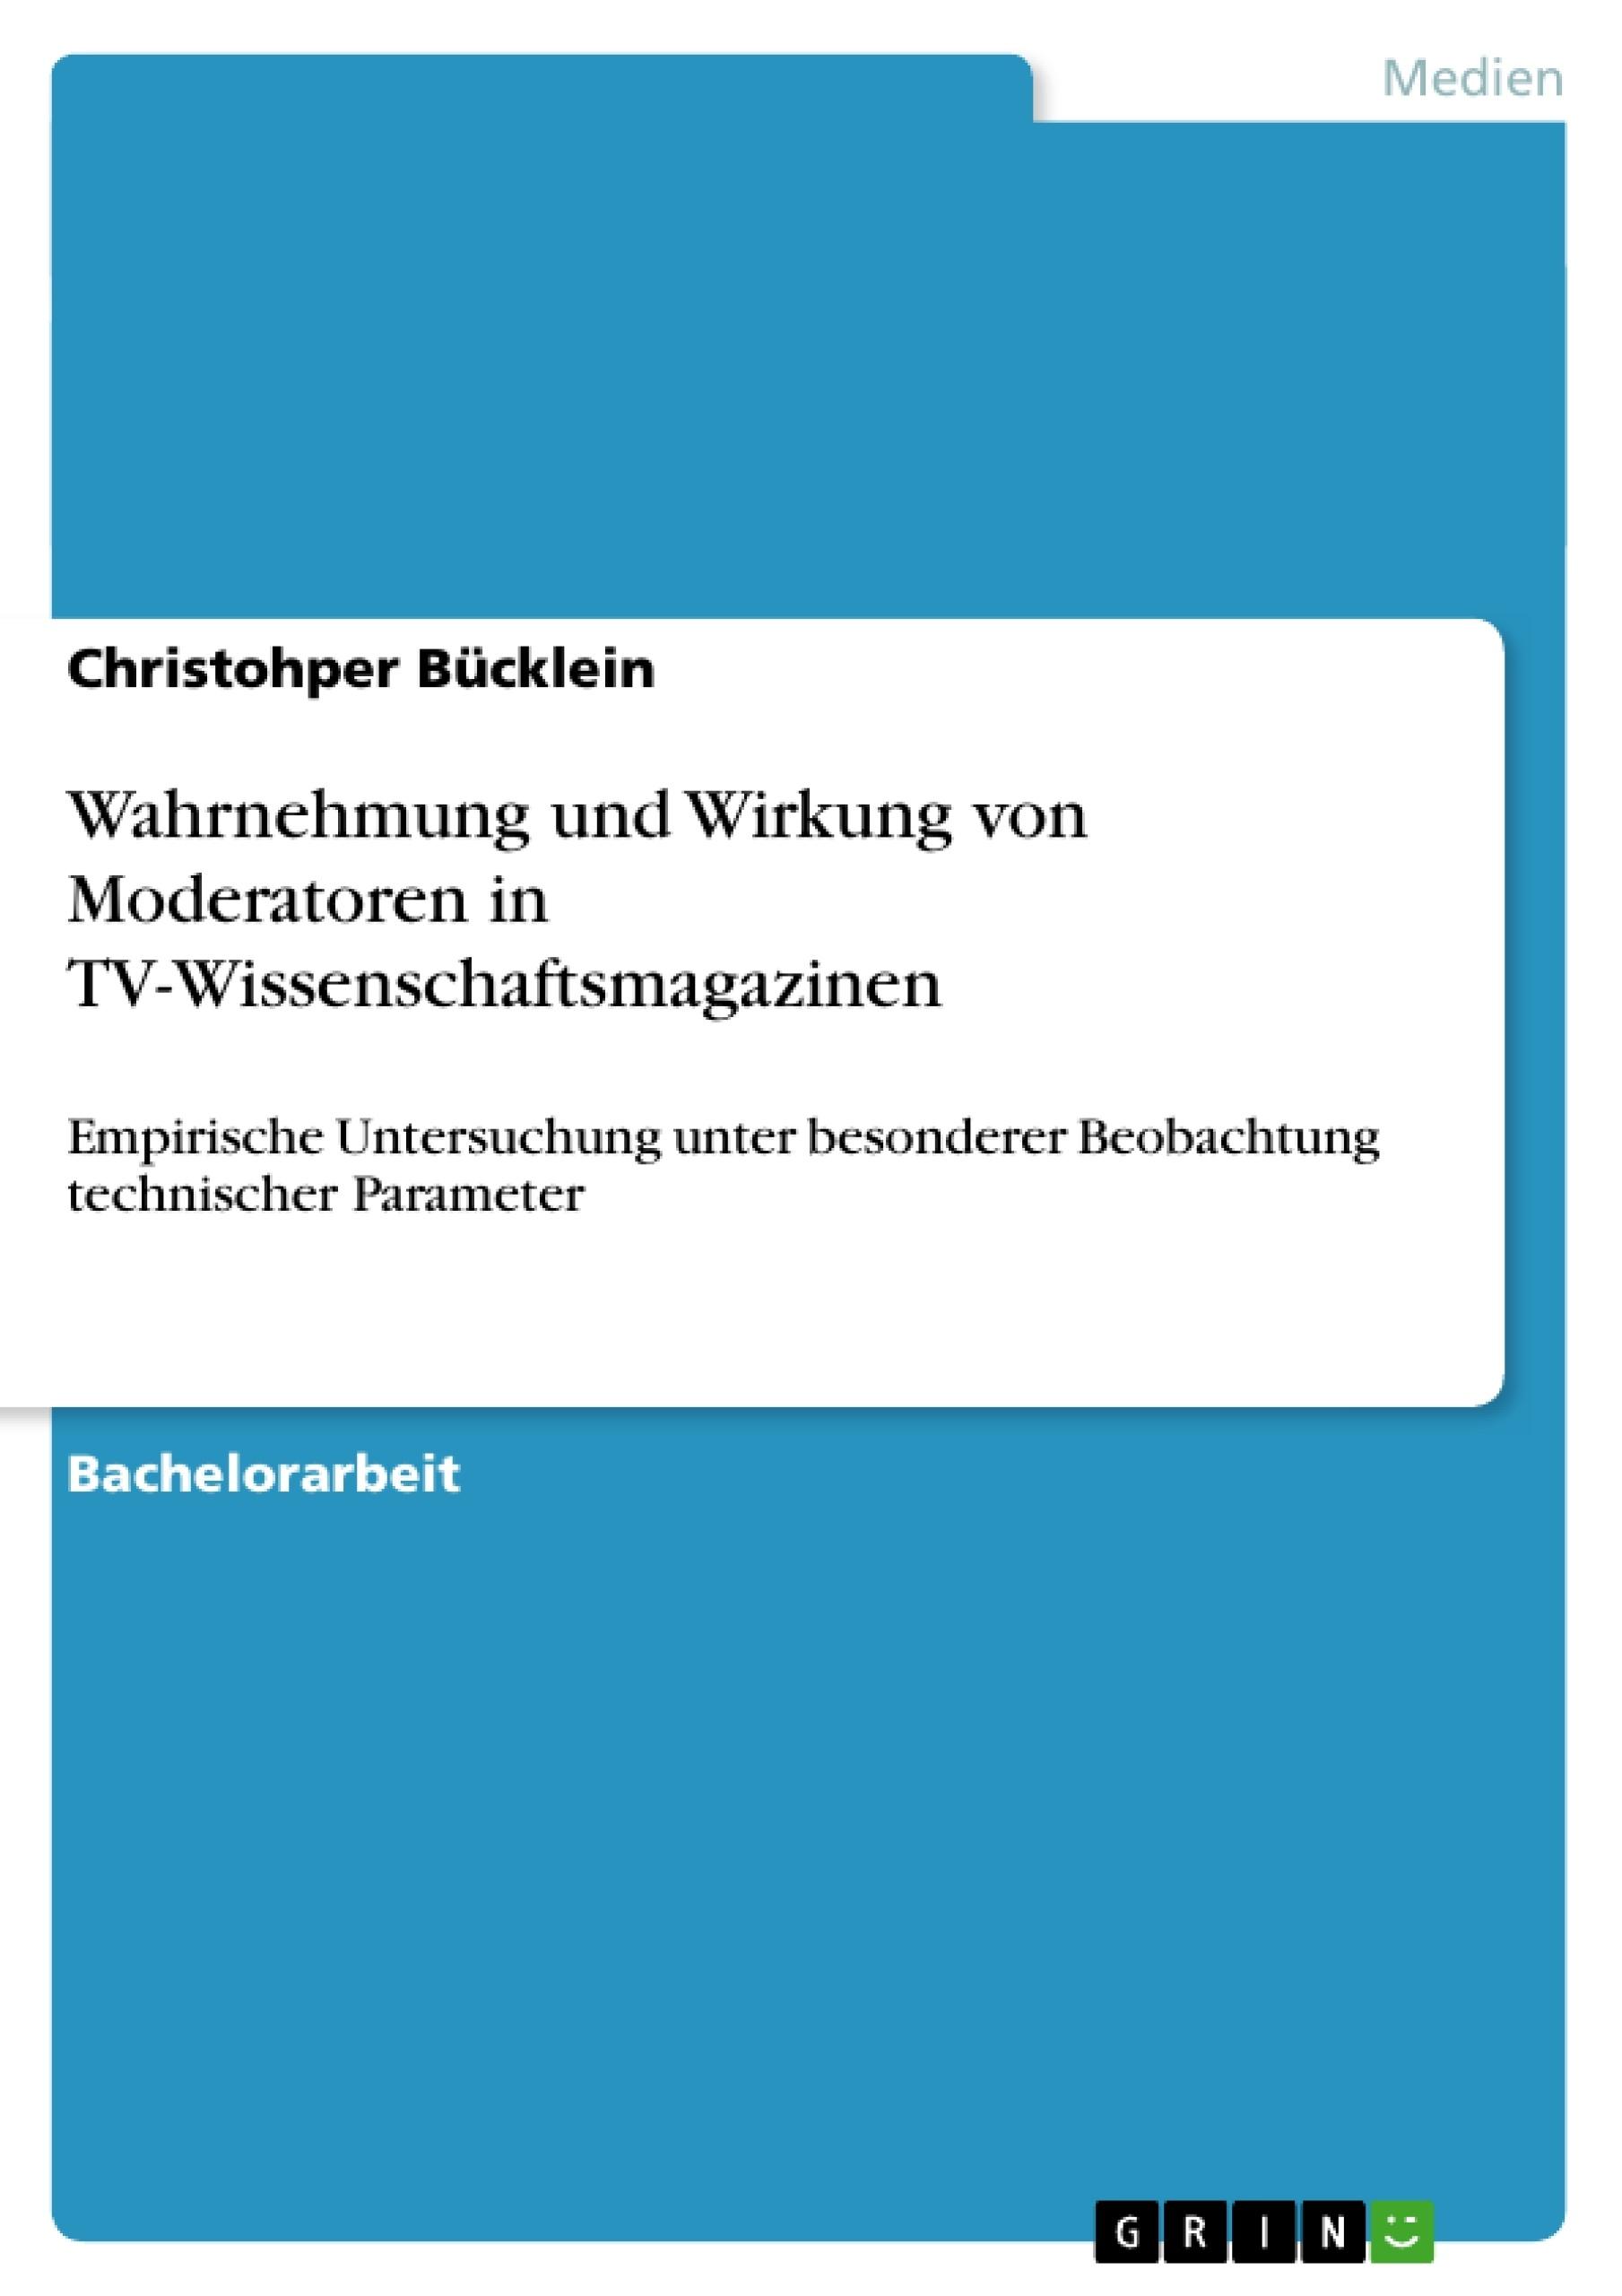 Titel: Wahrnehmung und Wirkung von Moderatoren in TV-Wissenschaftsmagazinen